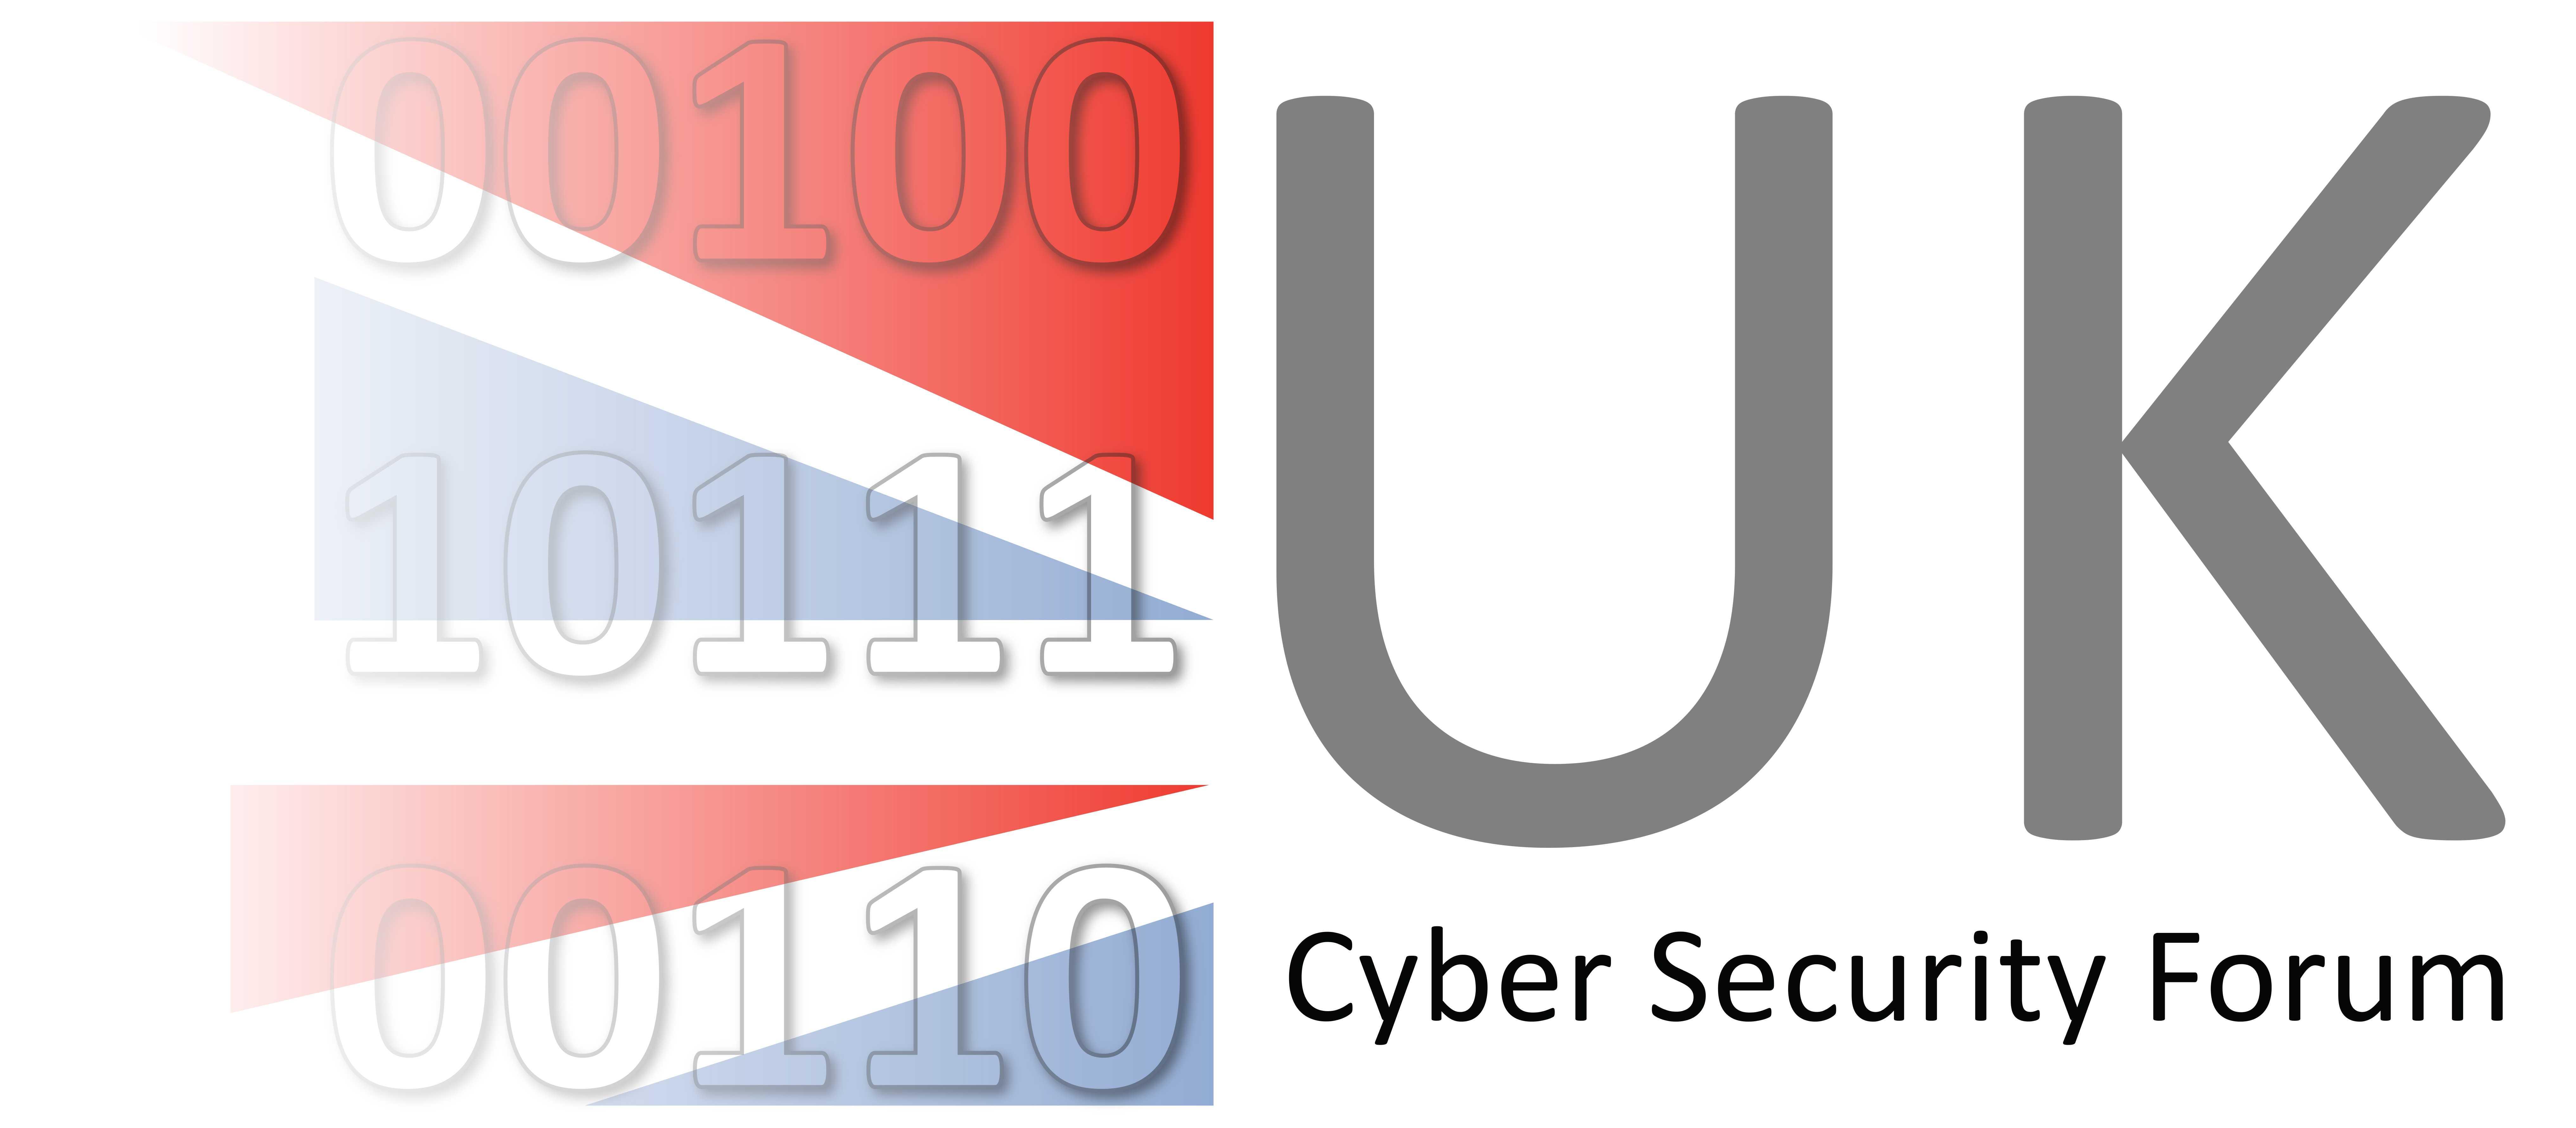 UKCSF logo11